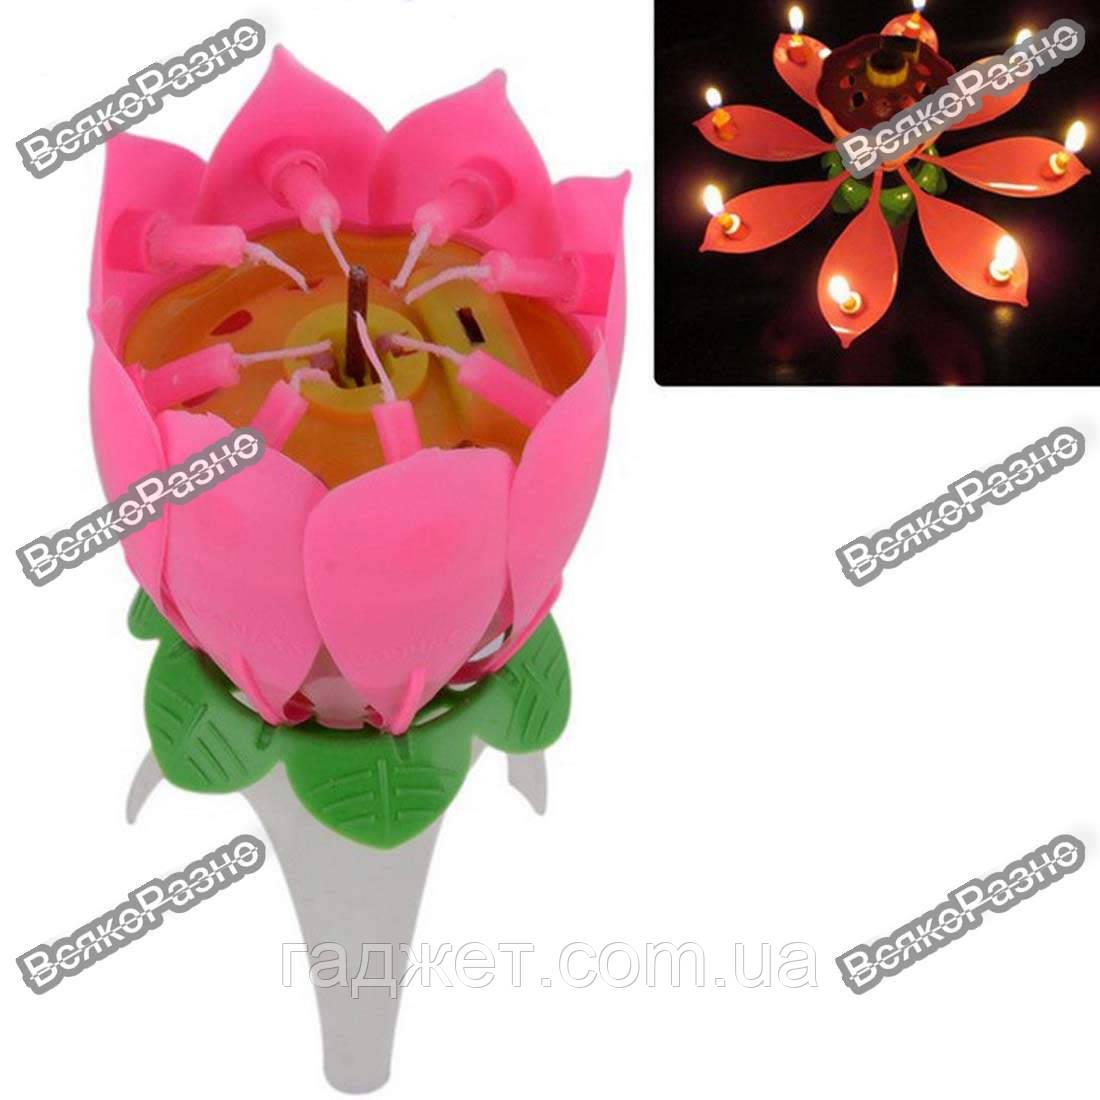 Раскрывающаяся музыкальная свеча для торта - Цветок / Музыкальная свеча Цветок Лотоса